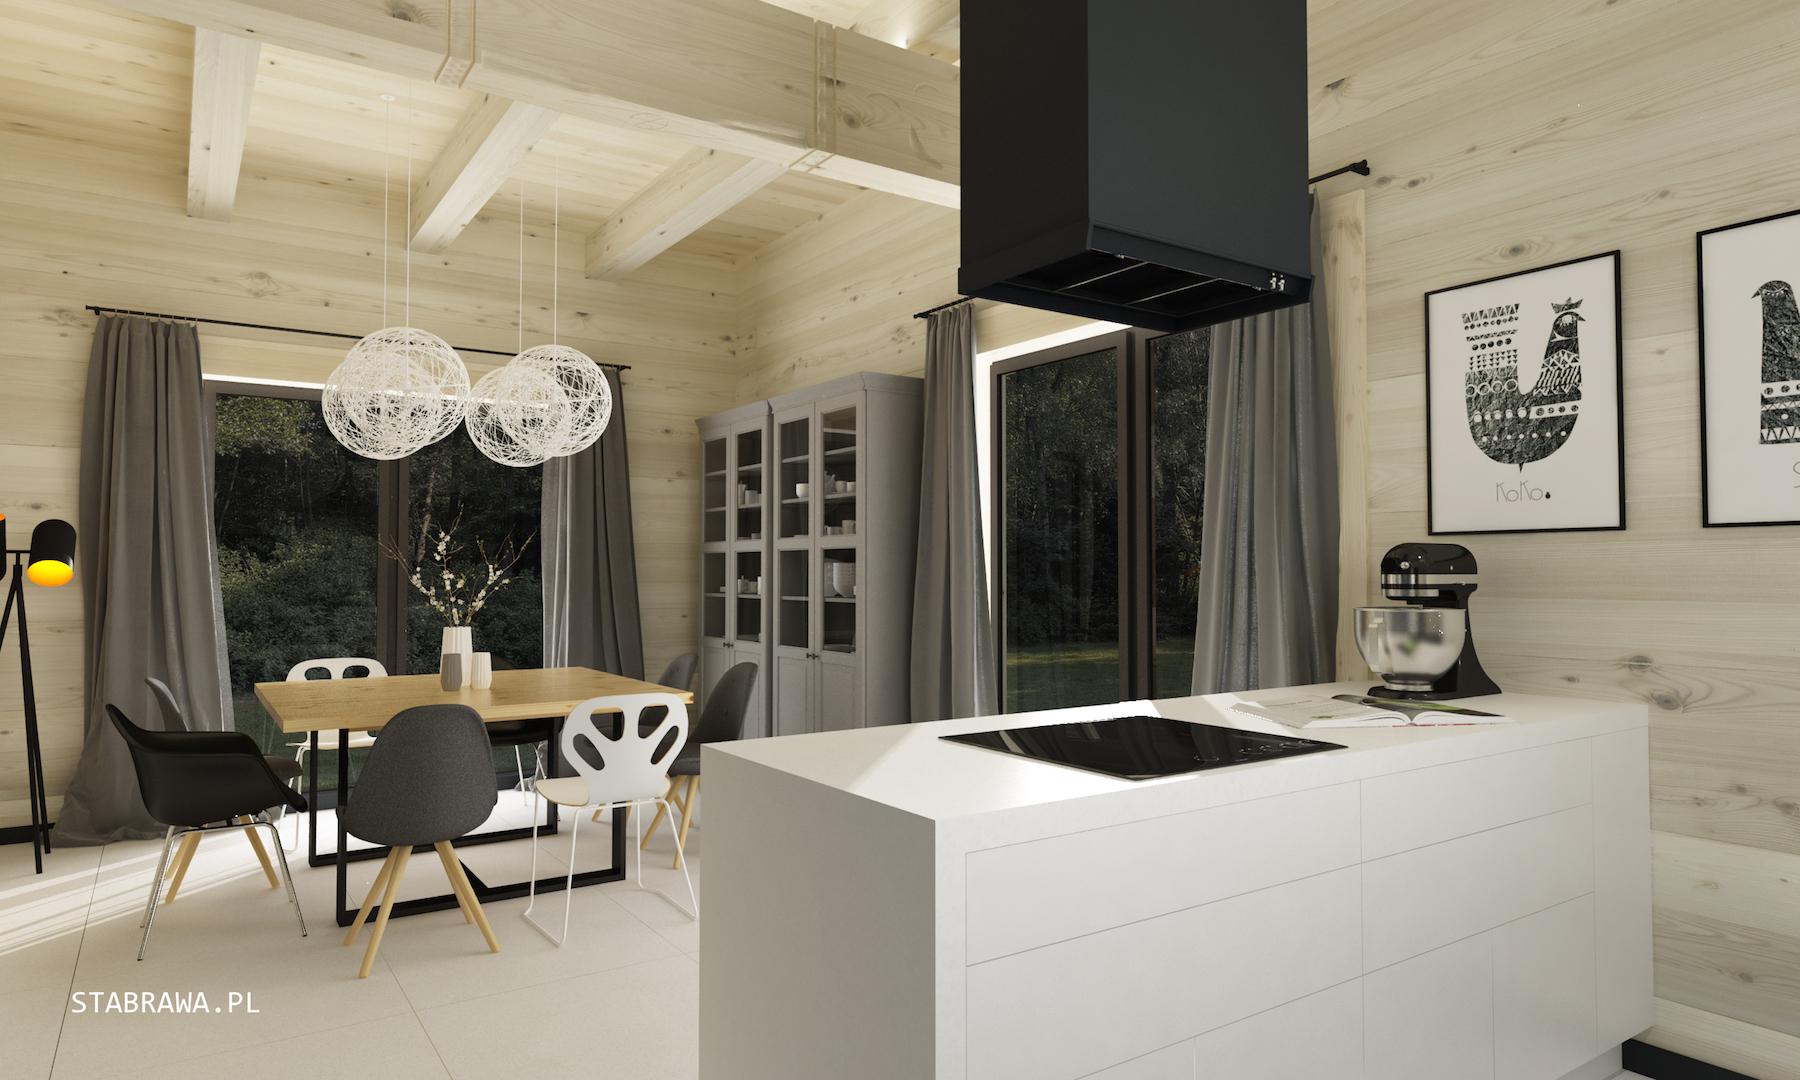 dom z płazów, dom z bali, stabrawa, projekt stabrawa, blog stabrawa, wnętrze domu drewnianego, styl nowoczesny i rustykalny